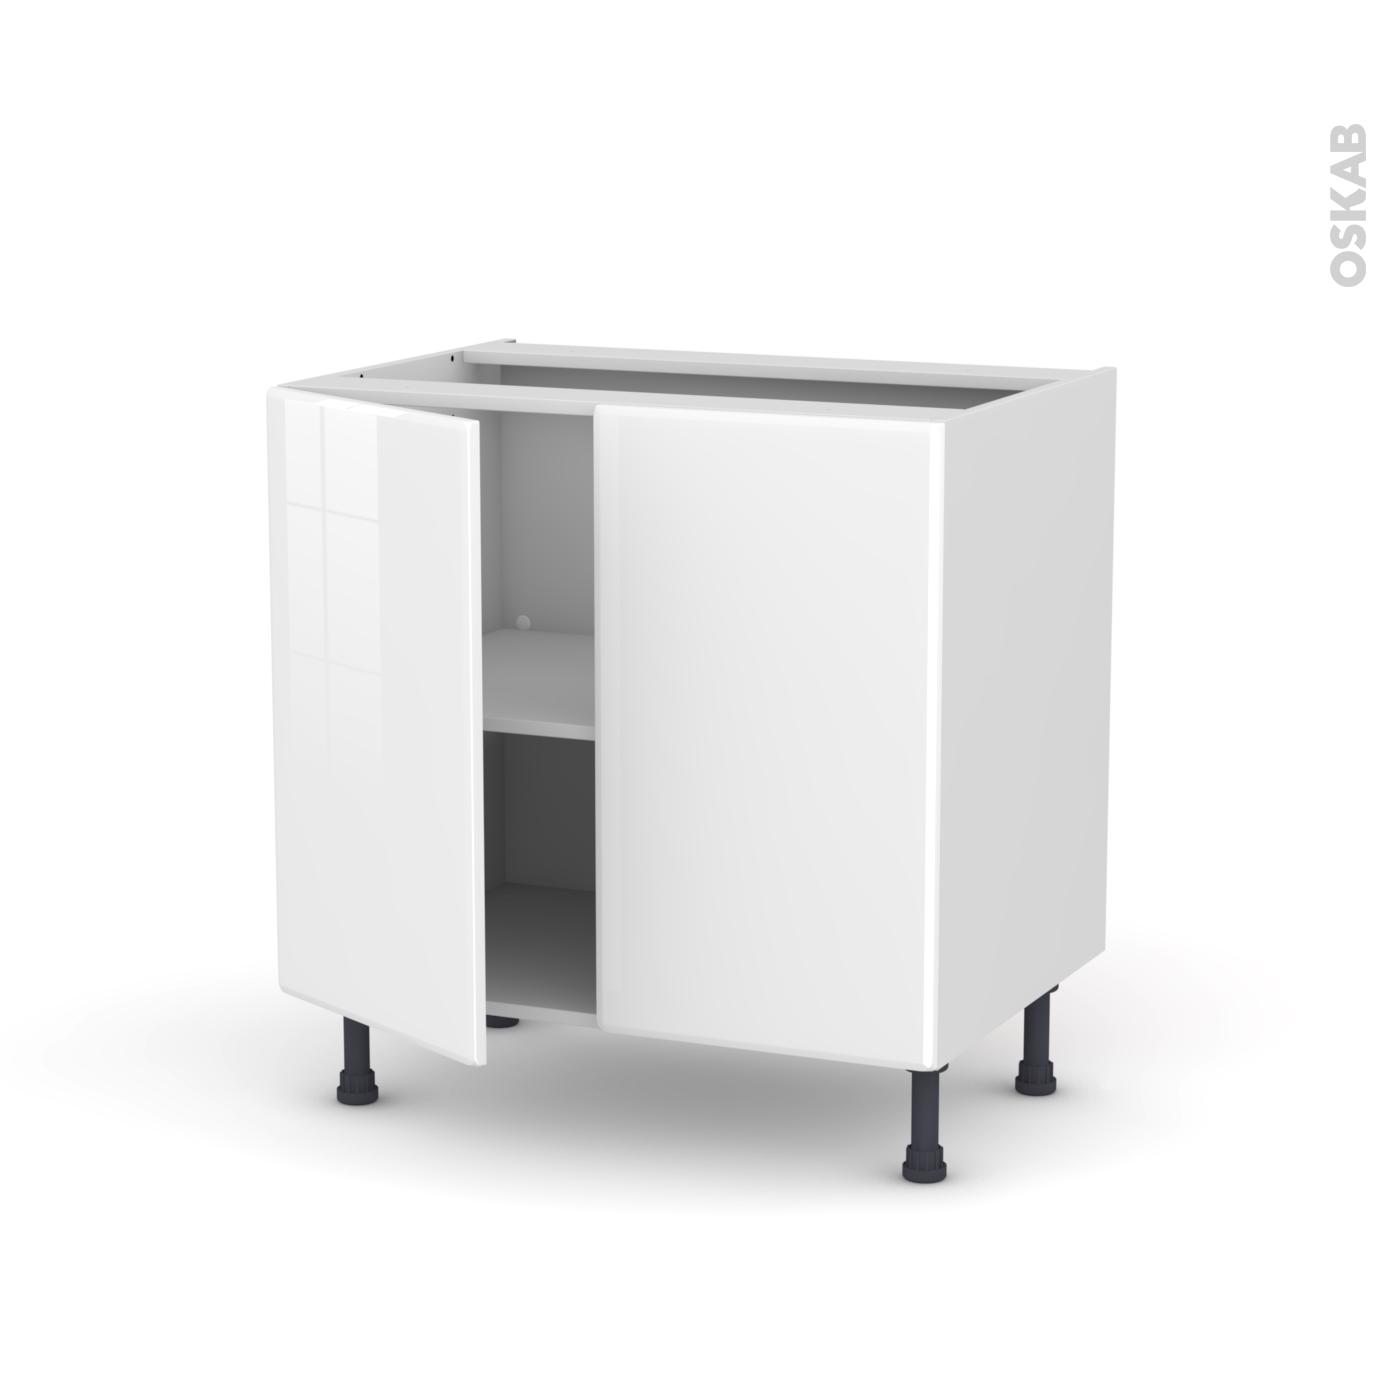 Meuble de cuisine Bas IRIS Blanc, 11 portes, L11 x H11 x P11 cm